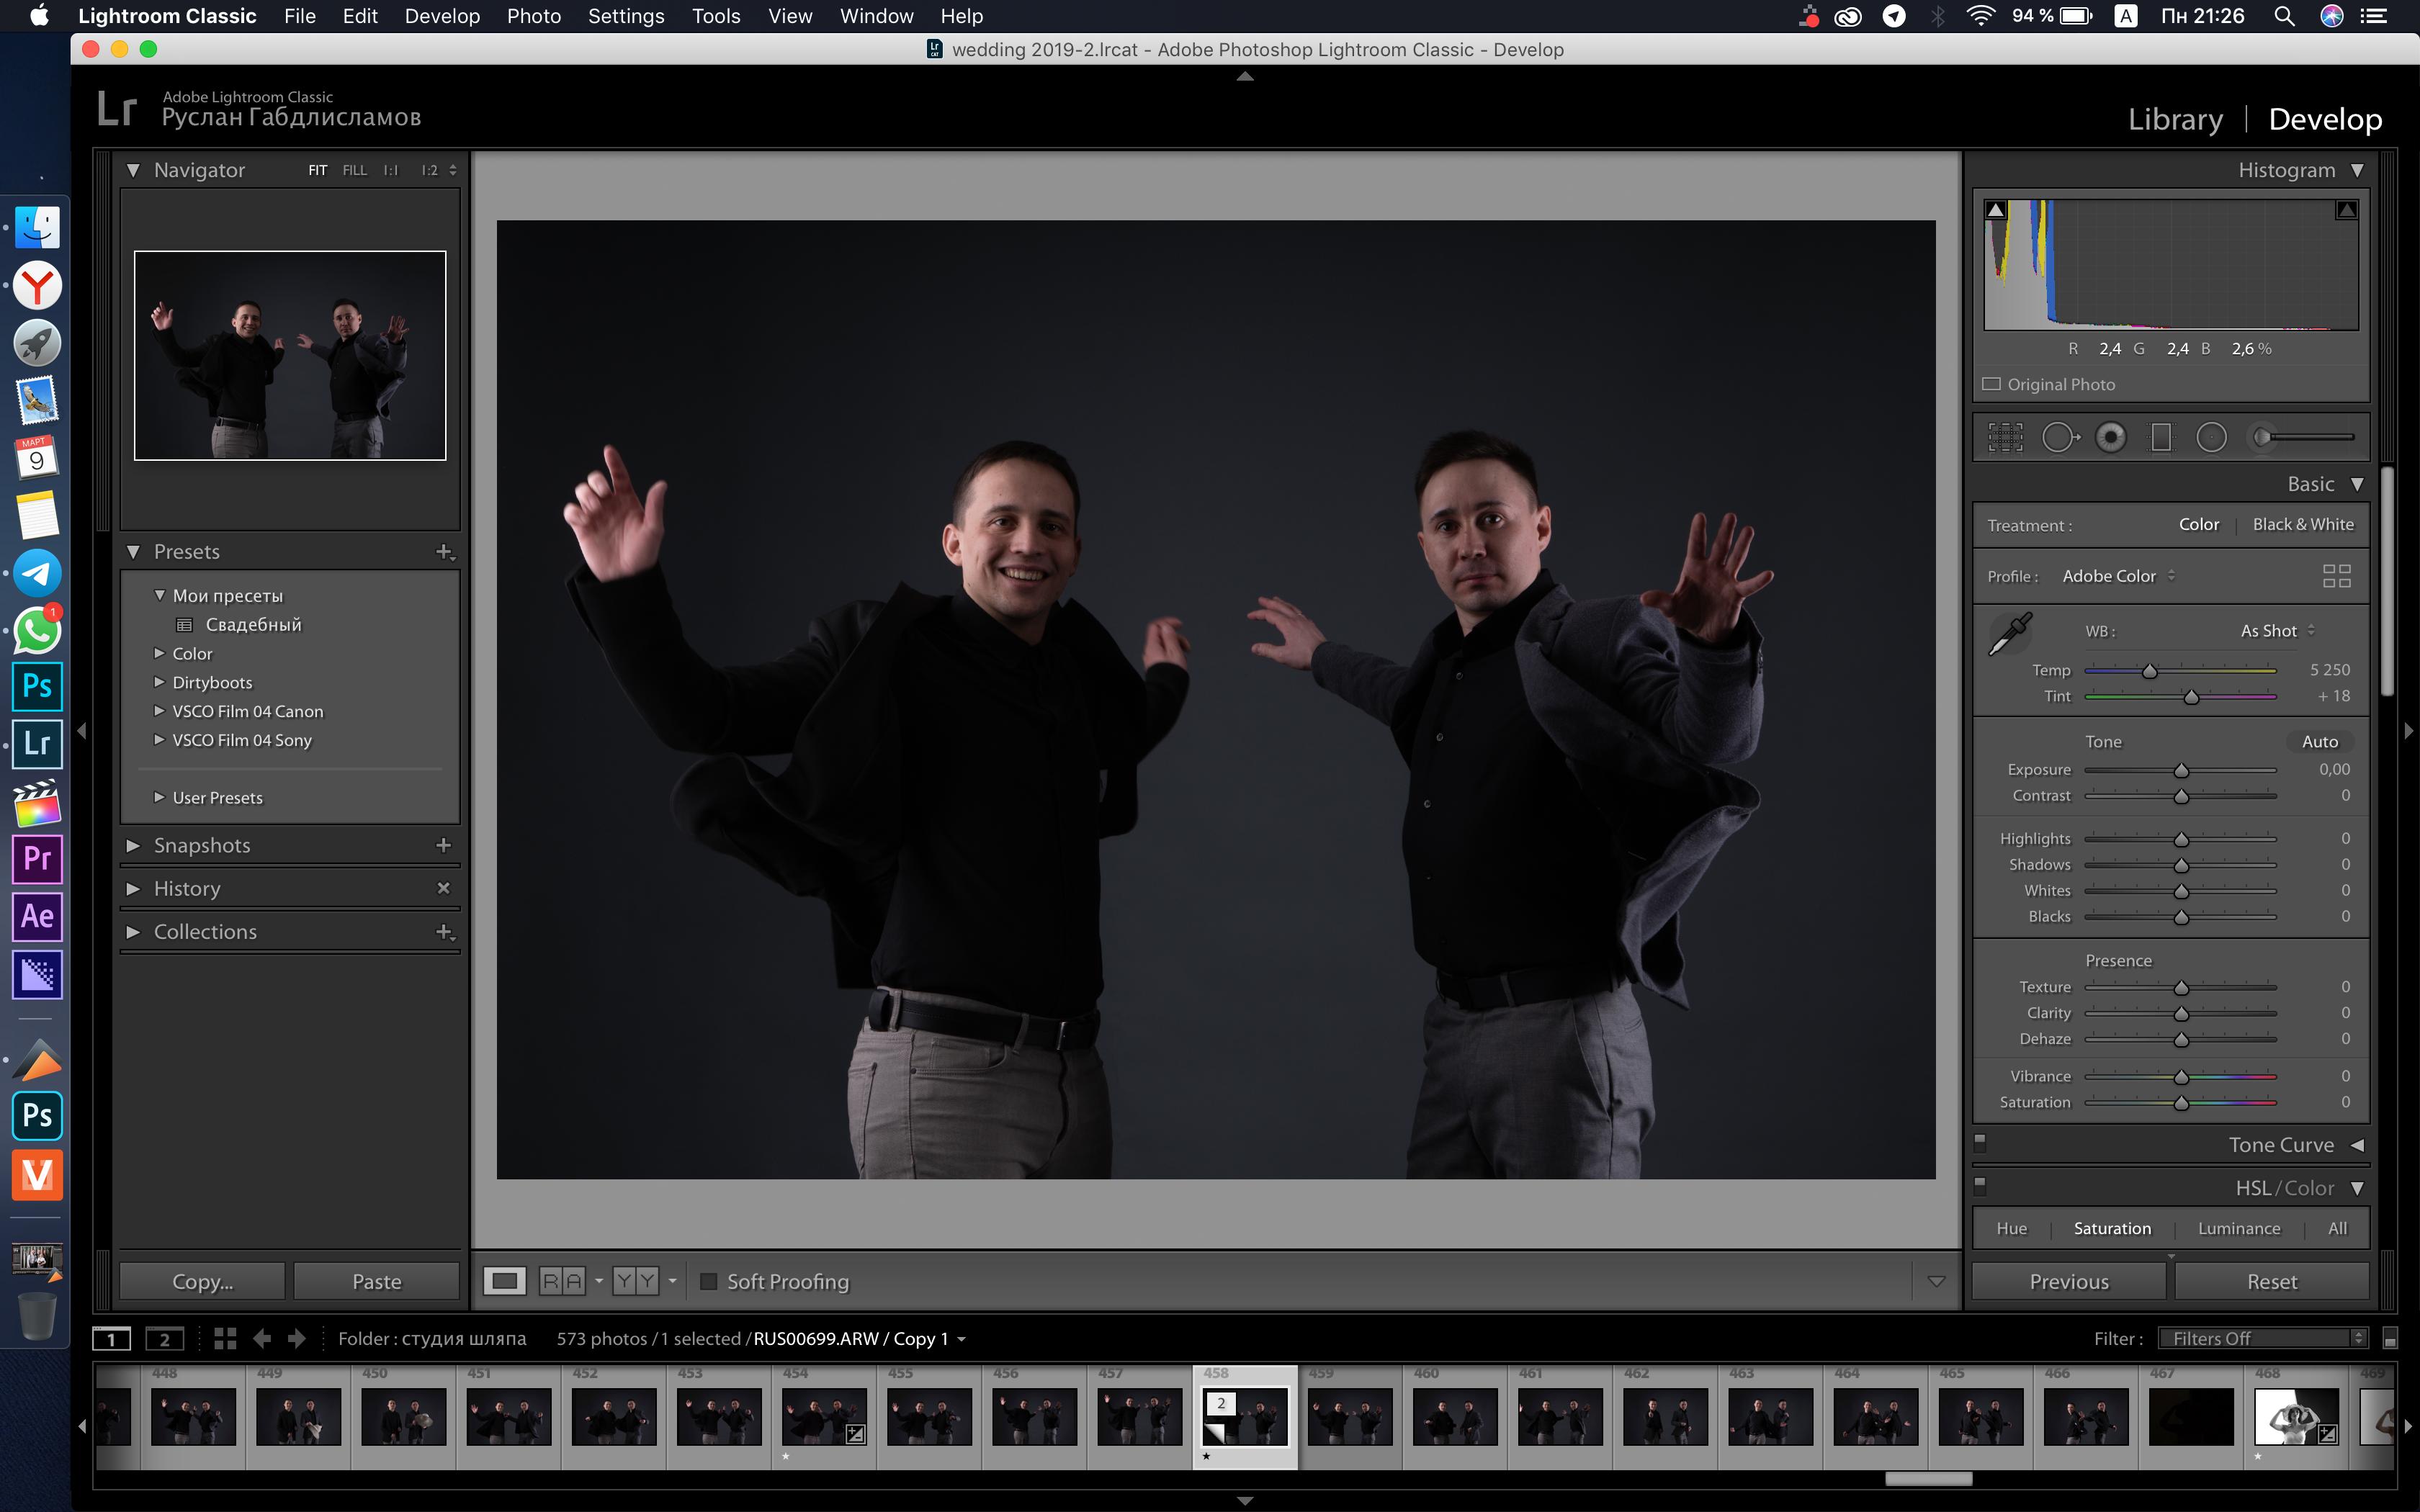 Как импортироваться фото в лайтрум